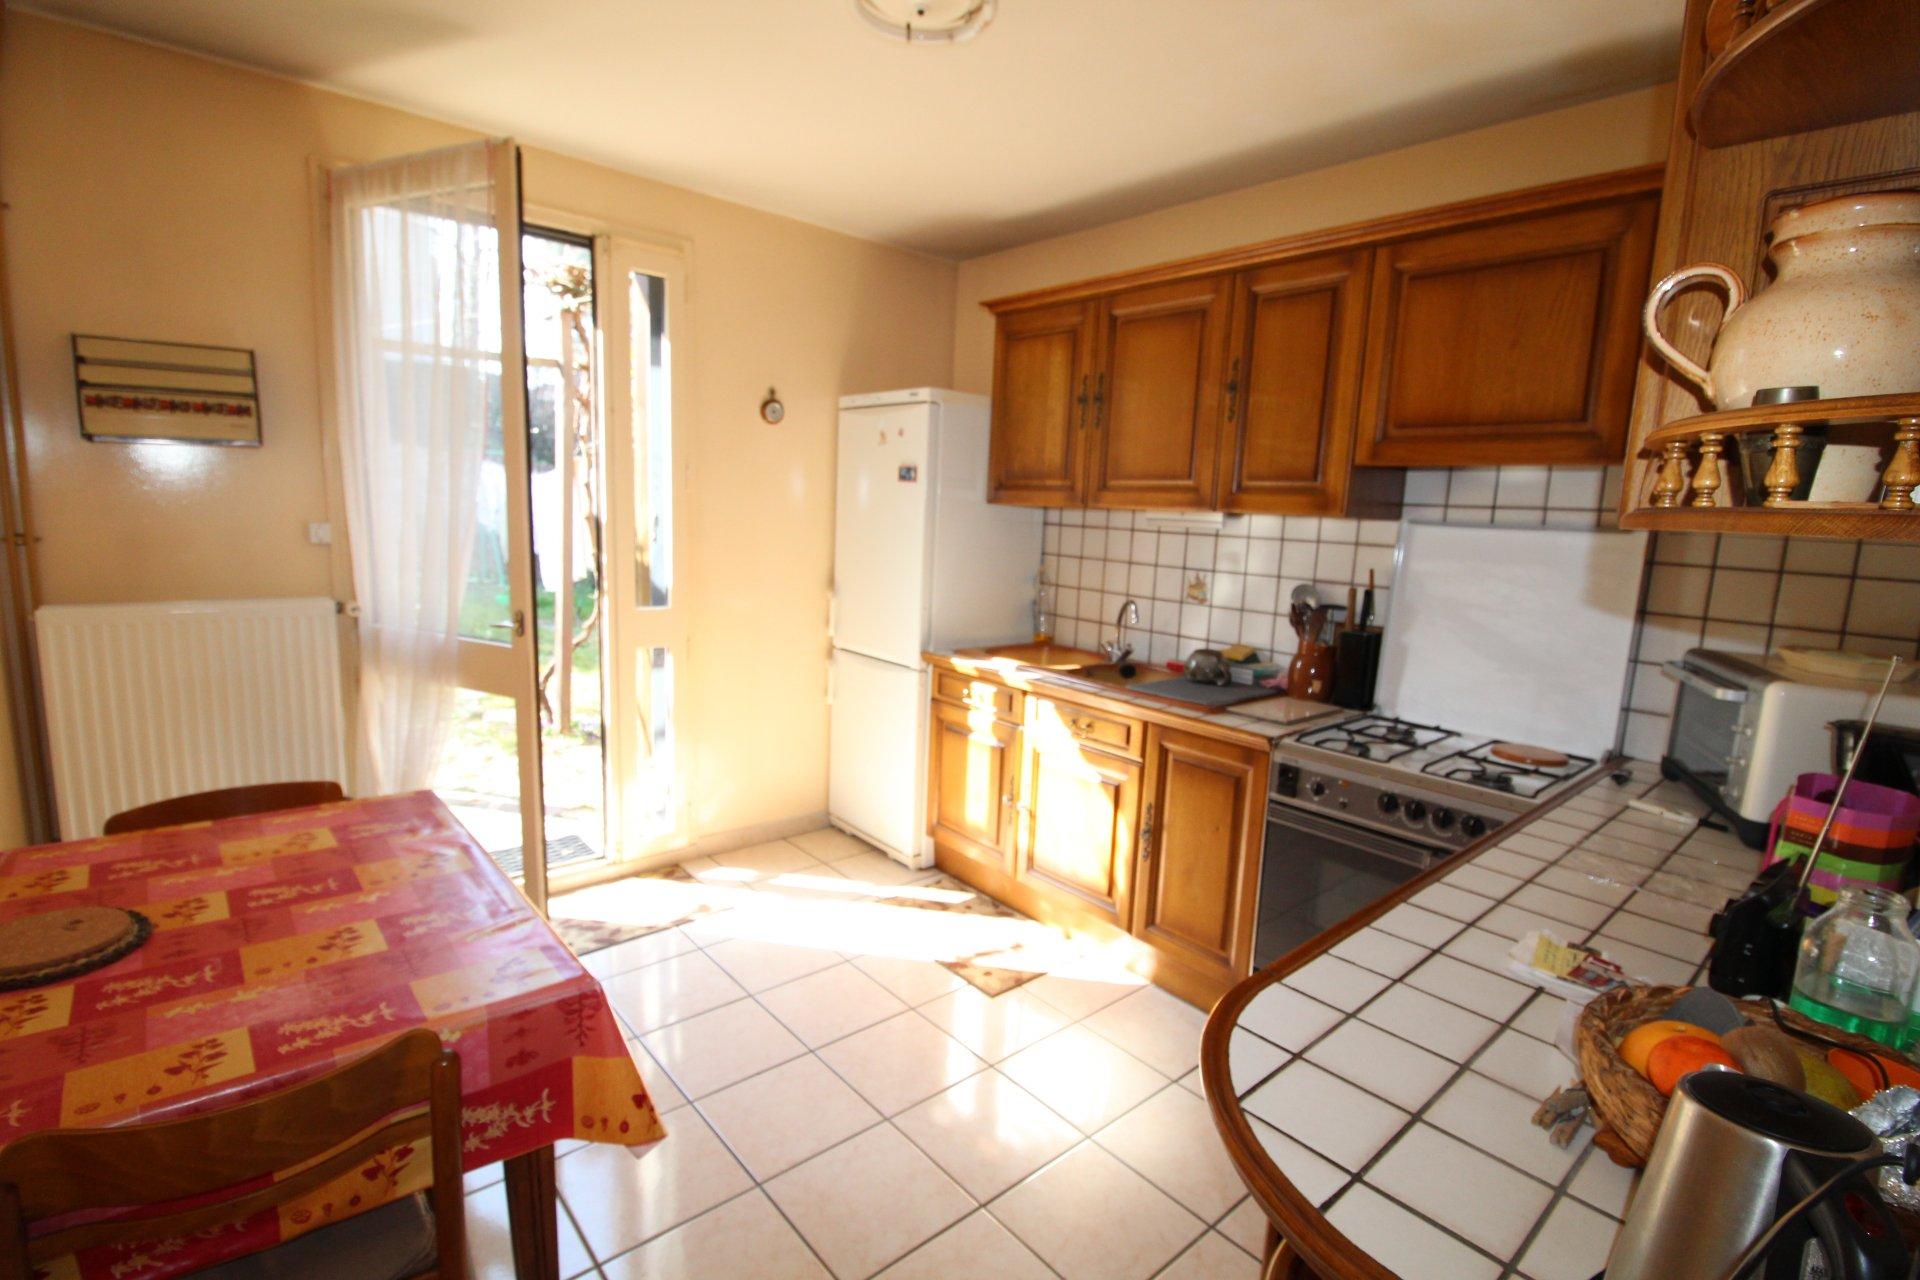 Maison Villars 5 pièces 92m2 avec jardin de 477m2